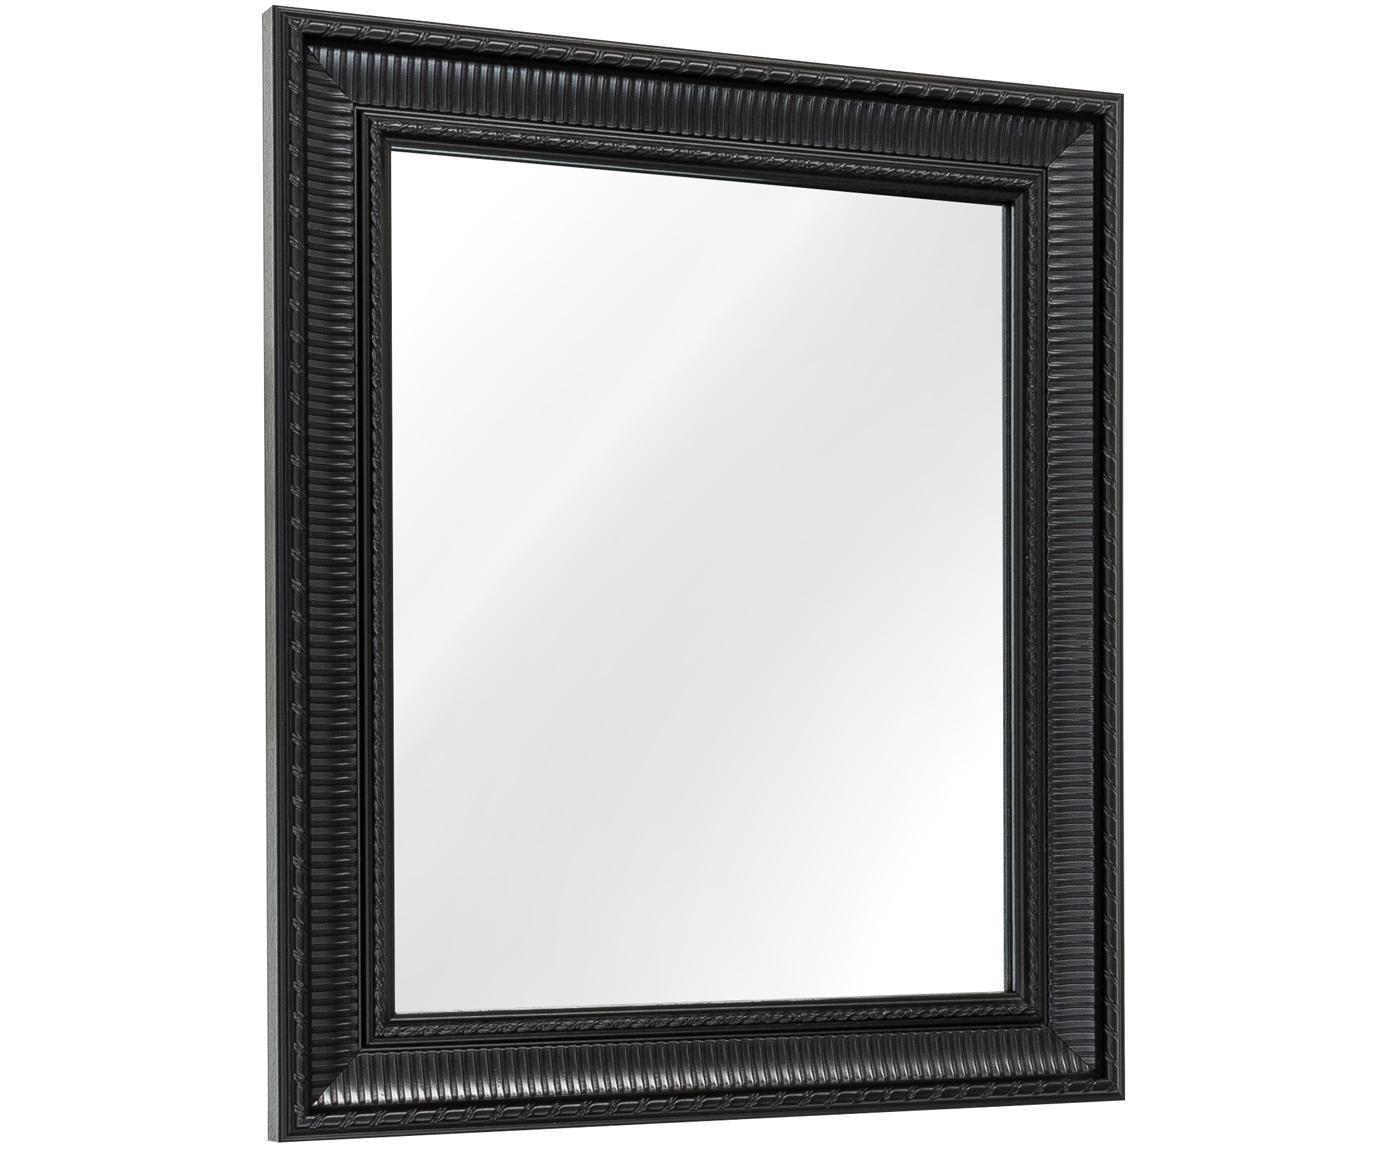 Prostokątne lustro ścienne z tworzywa sztucznego Paris, Rama: czarny Lustro: szkło lustrzane, S 52 x W 62 cm